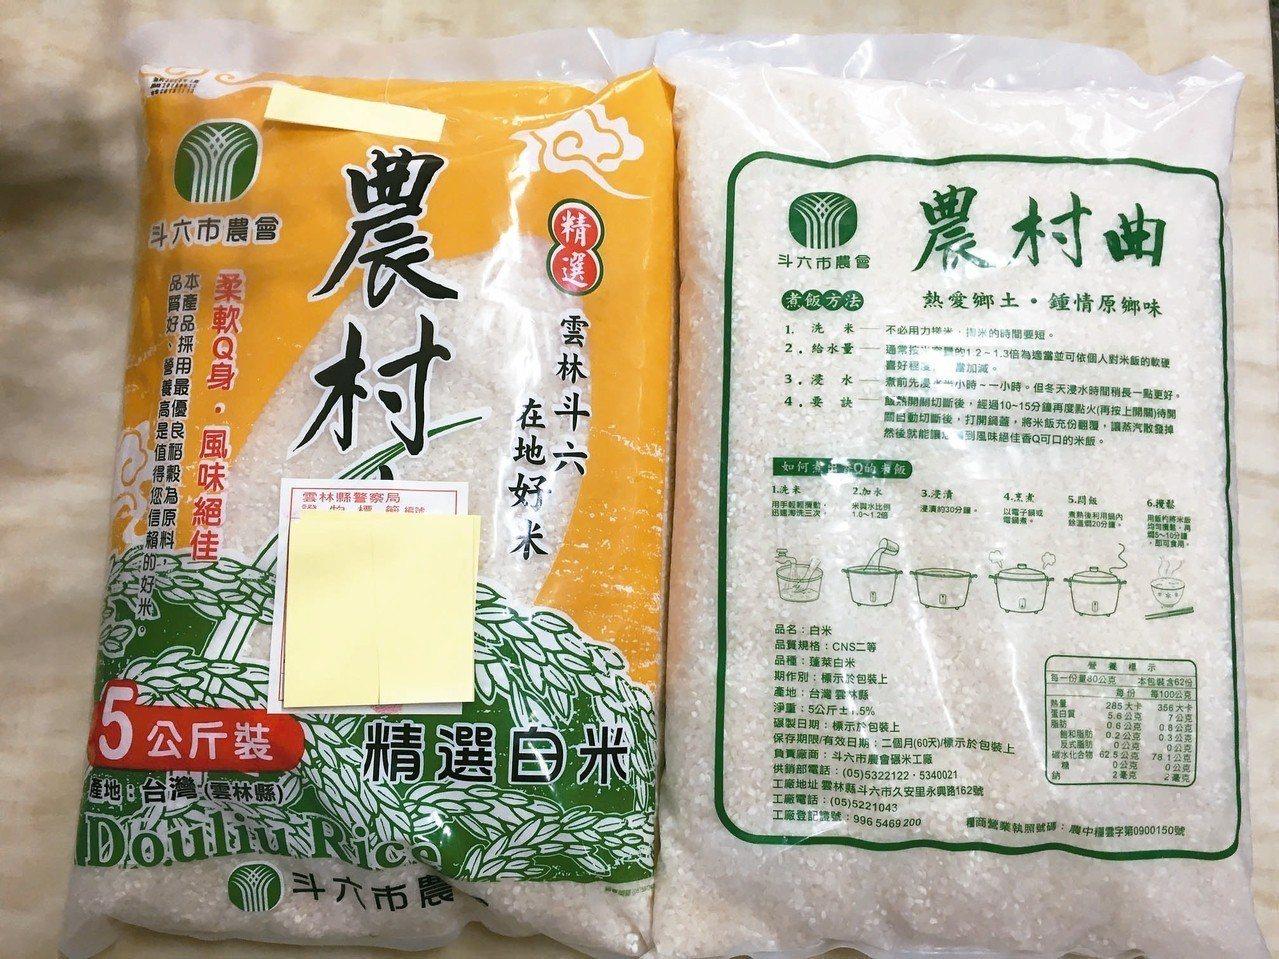 雲林縣一名里長參選人疑似自購白米贈送給中低收入戶。 記者陳雅玲/攝影